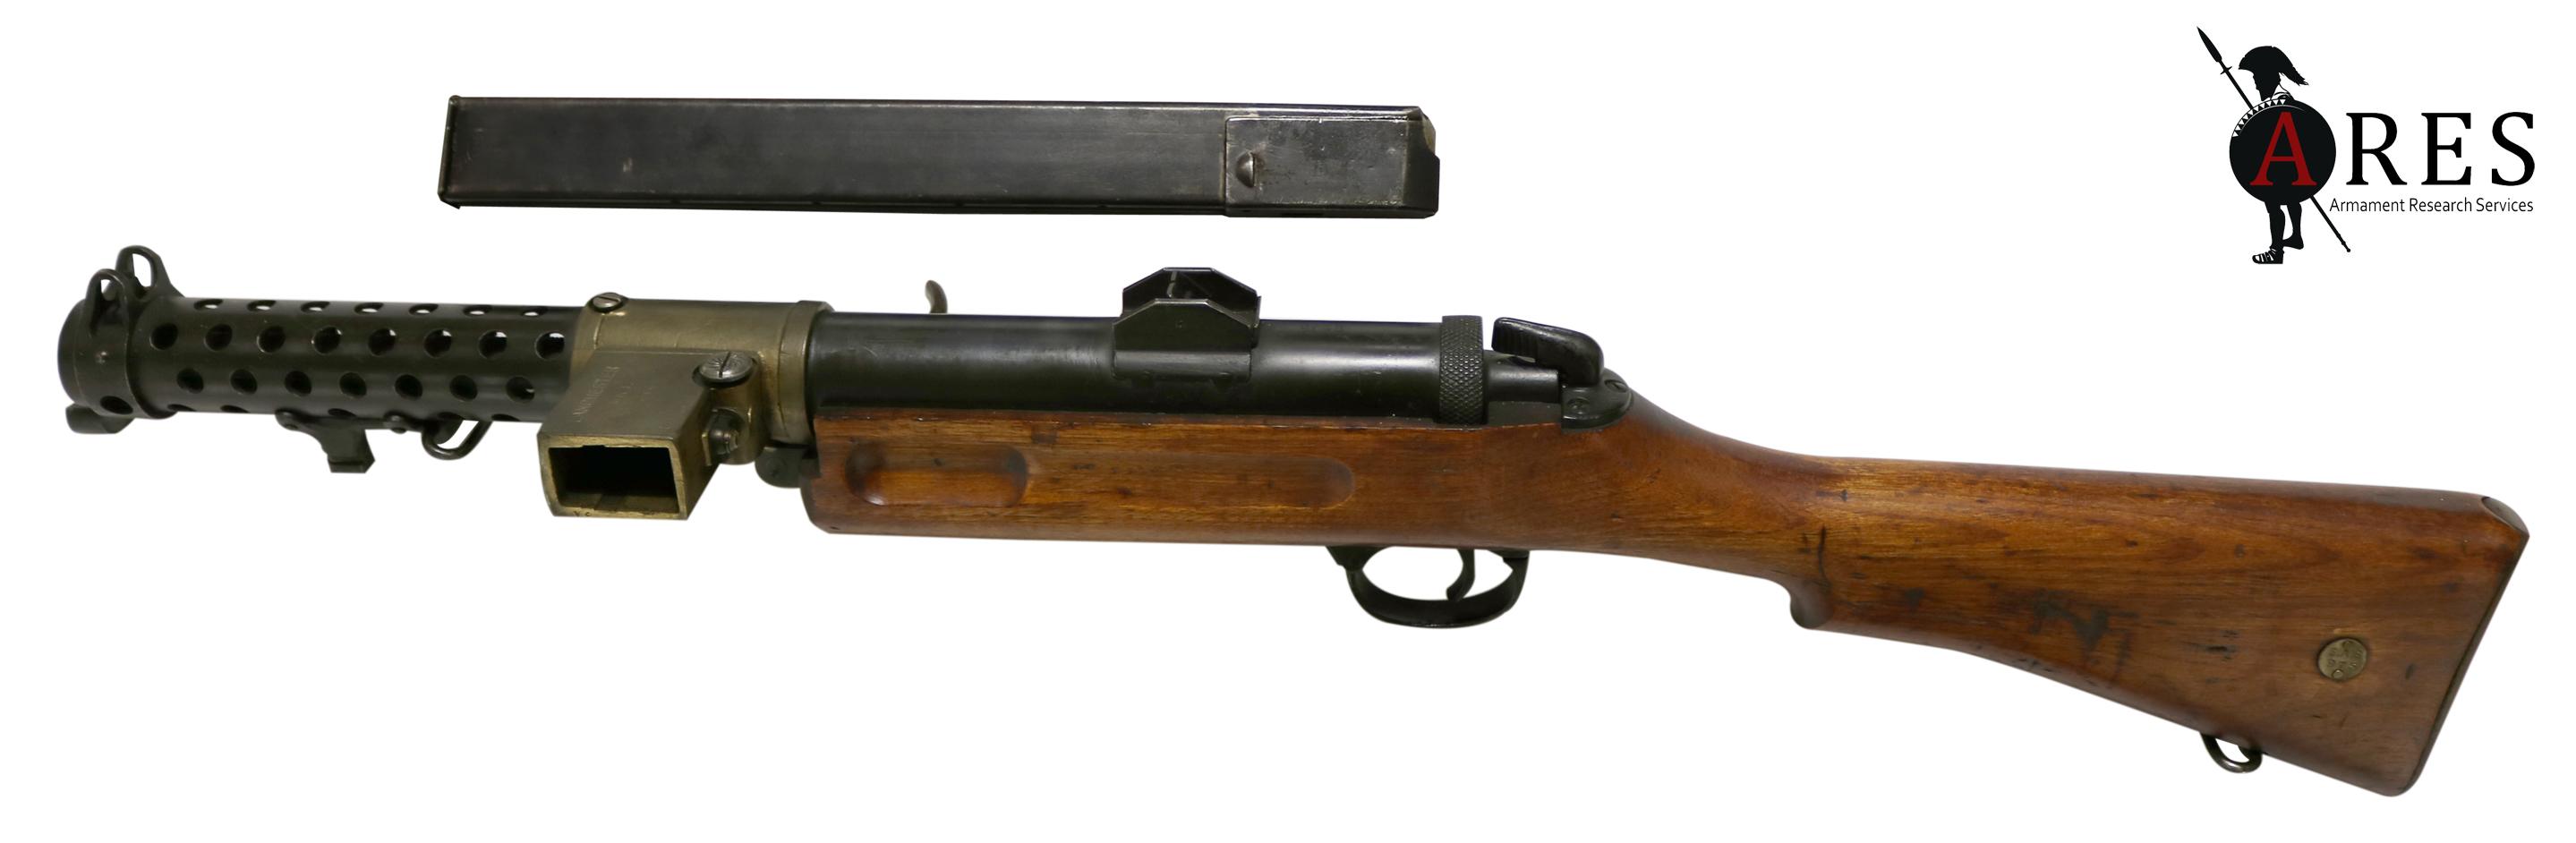 British sub-machine gun development: an overview – Armament